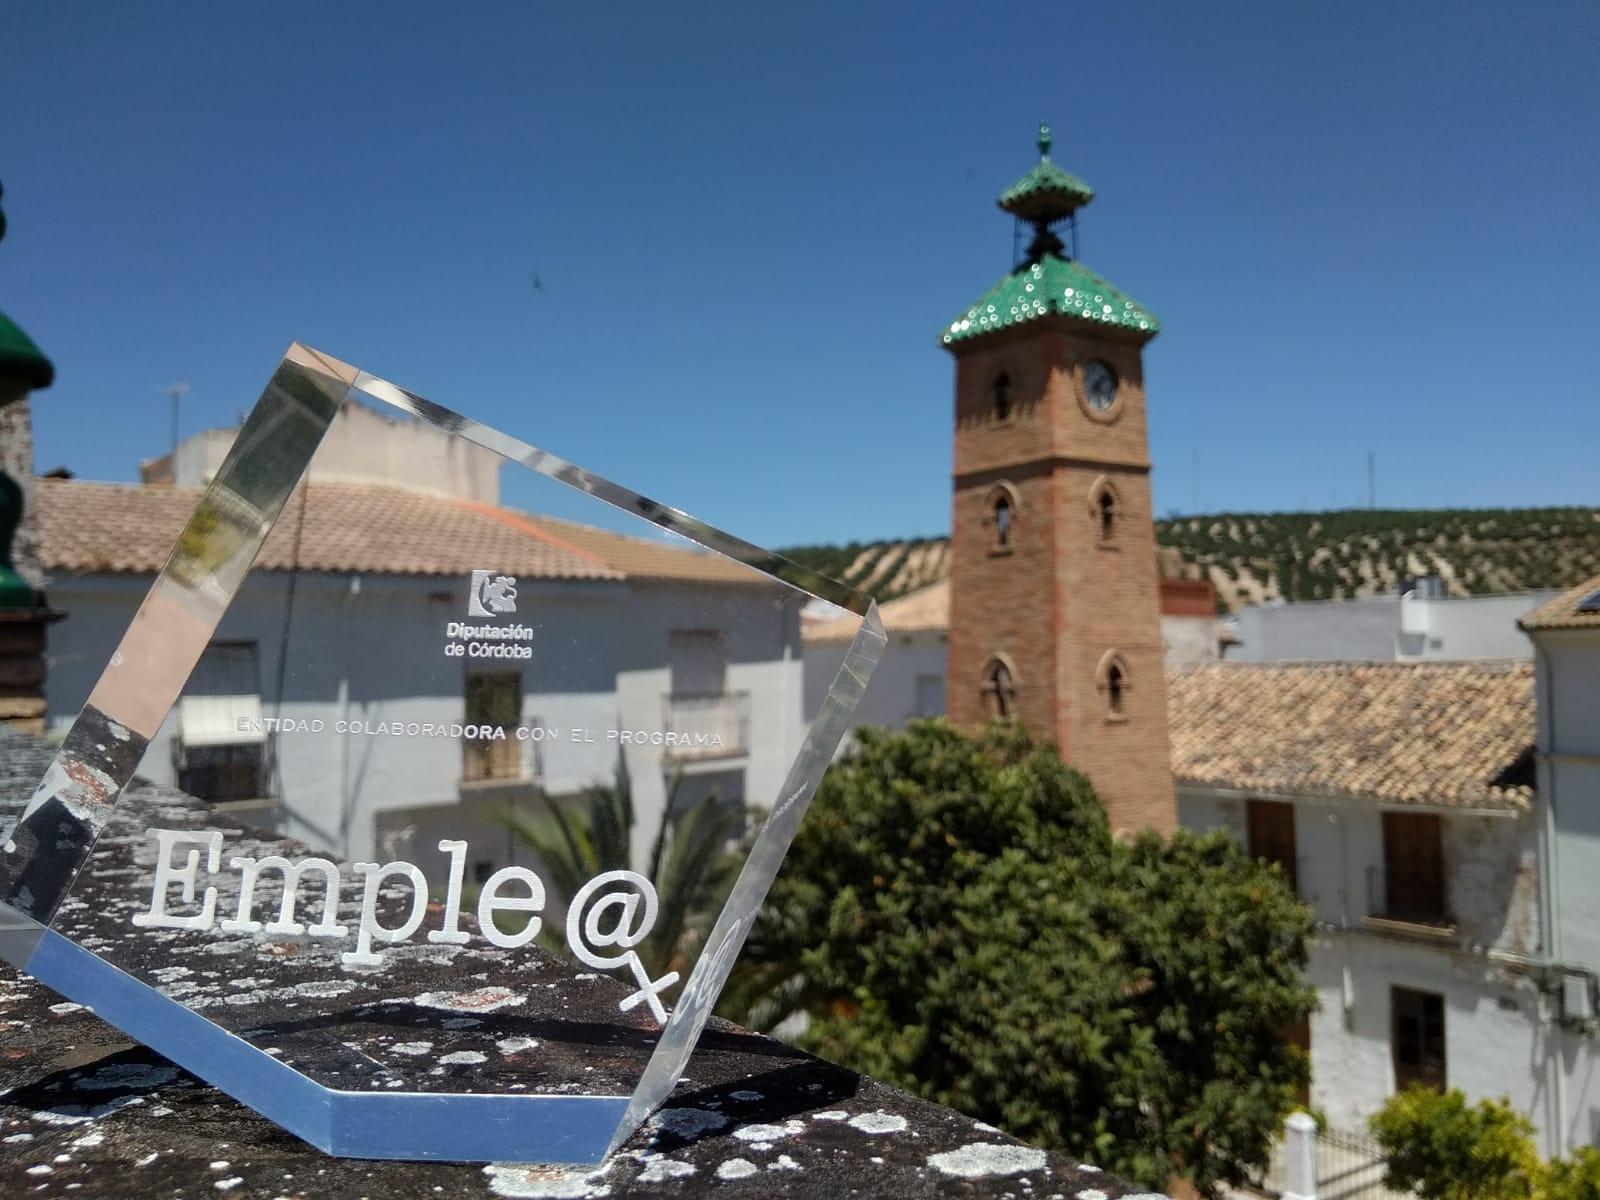 Almedinilla en el Emple@ de Diputación de Córdoba 1